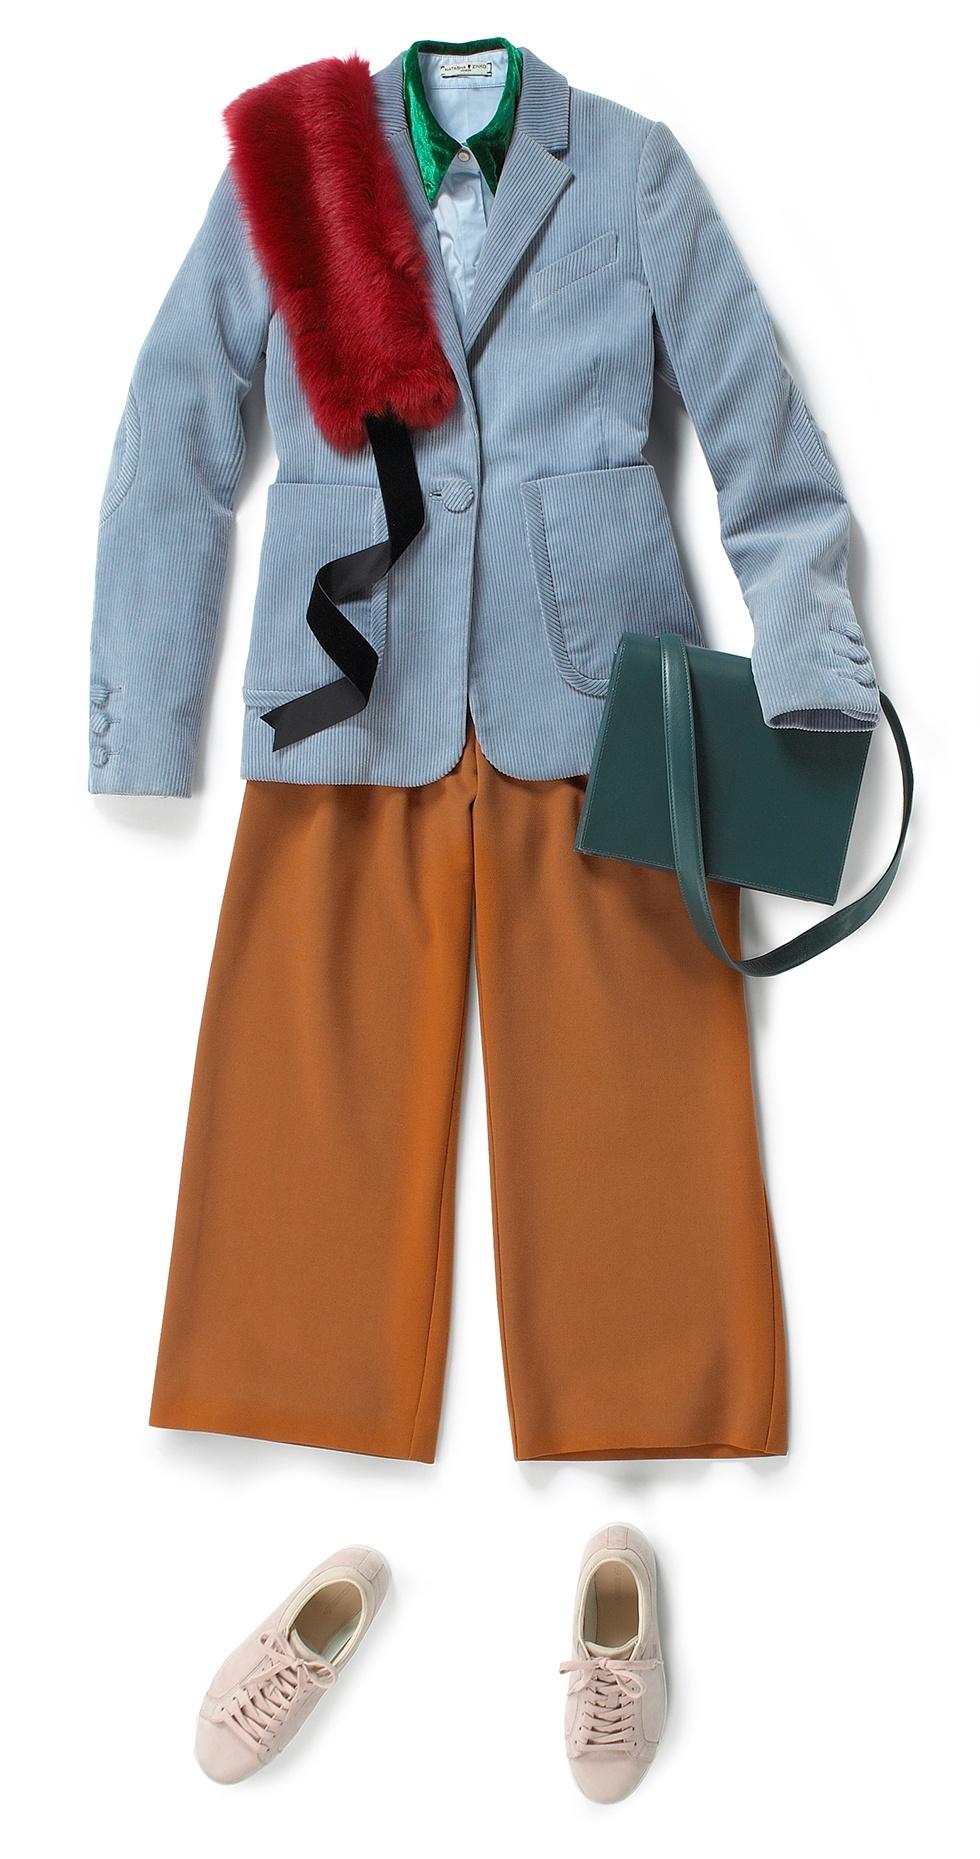 outfit 6 alt